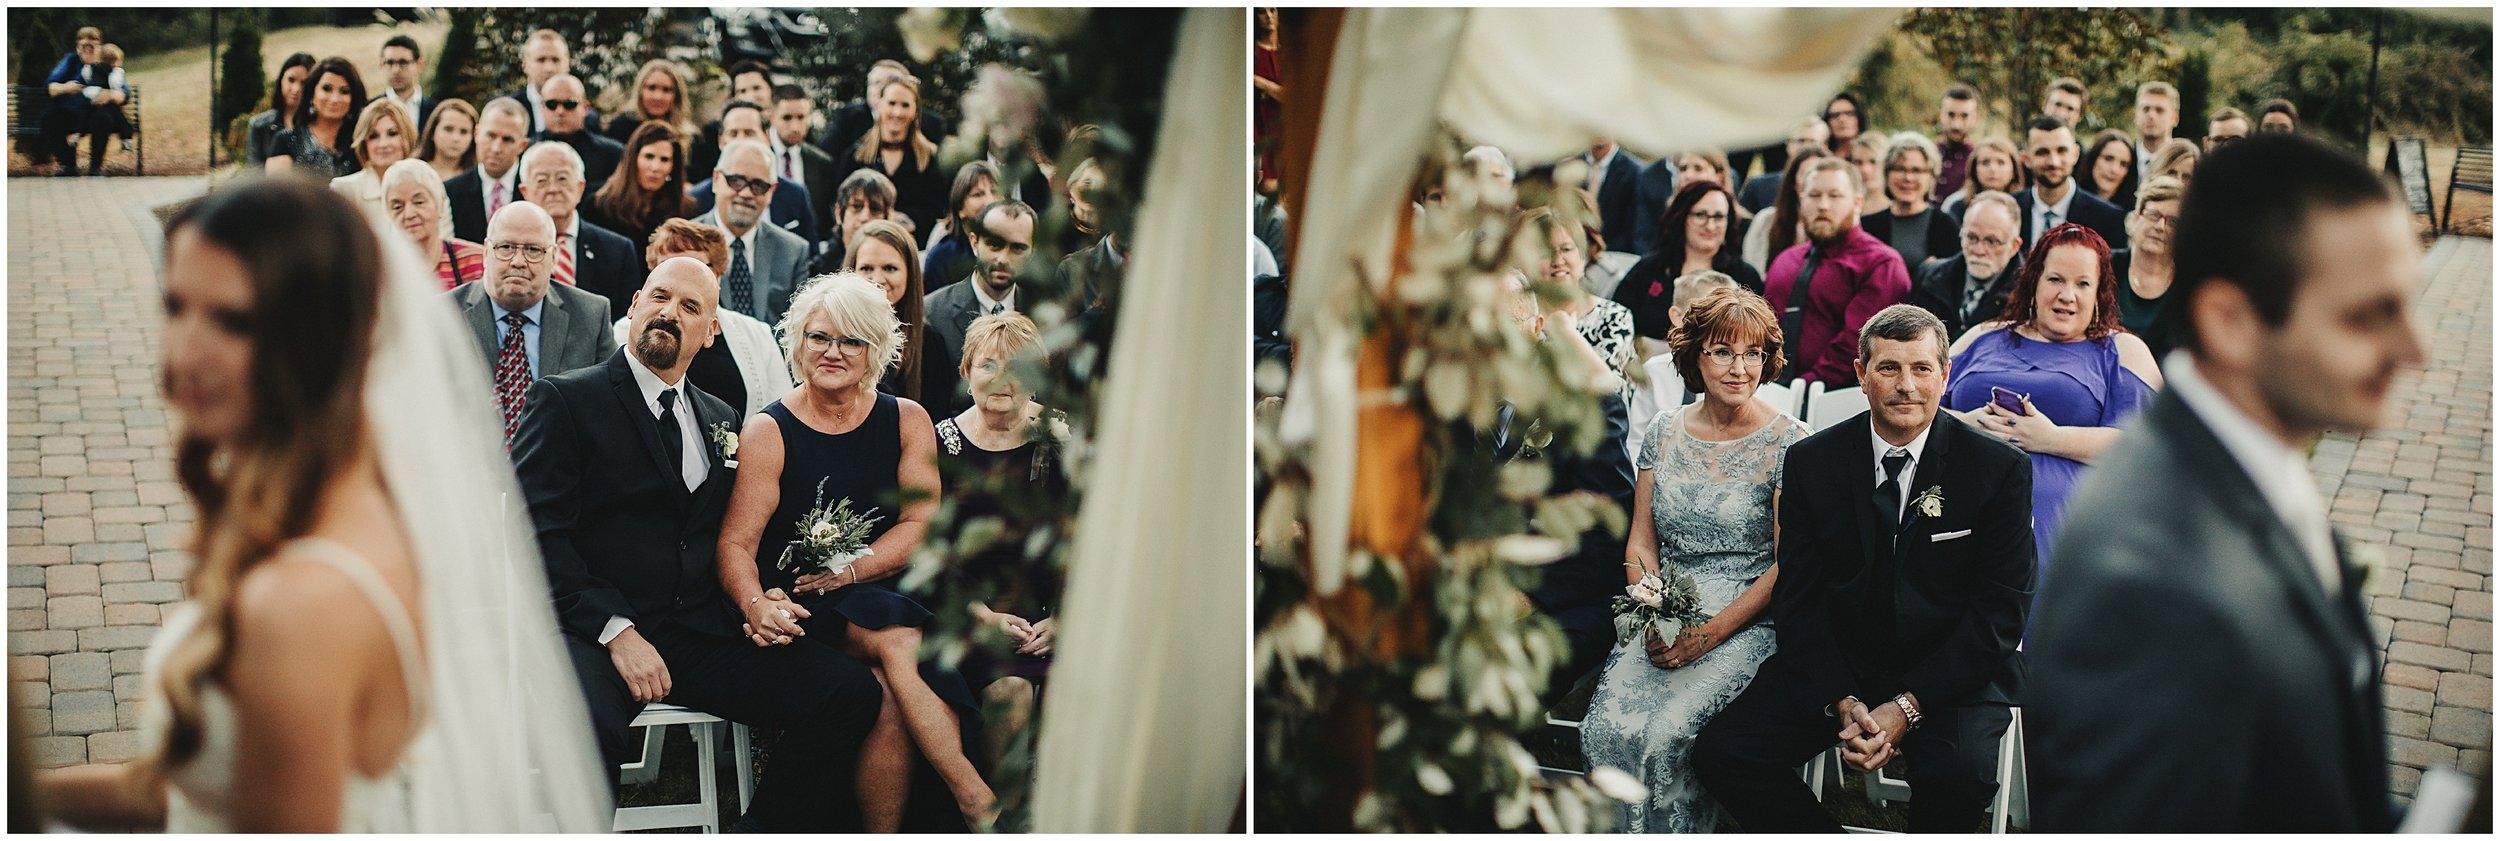 Ritchie Hill wedding_1273.jpg